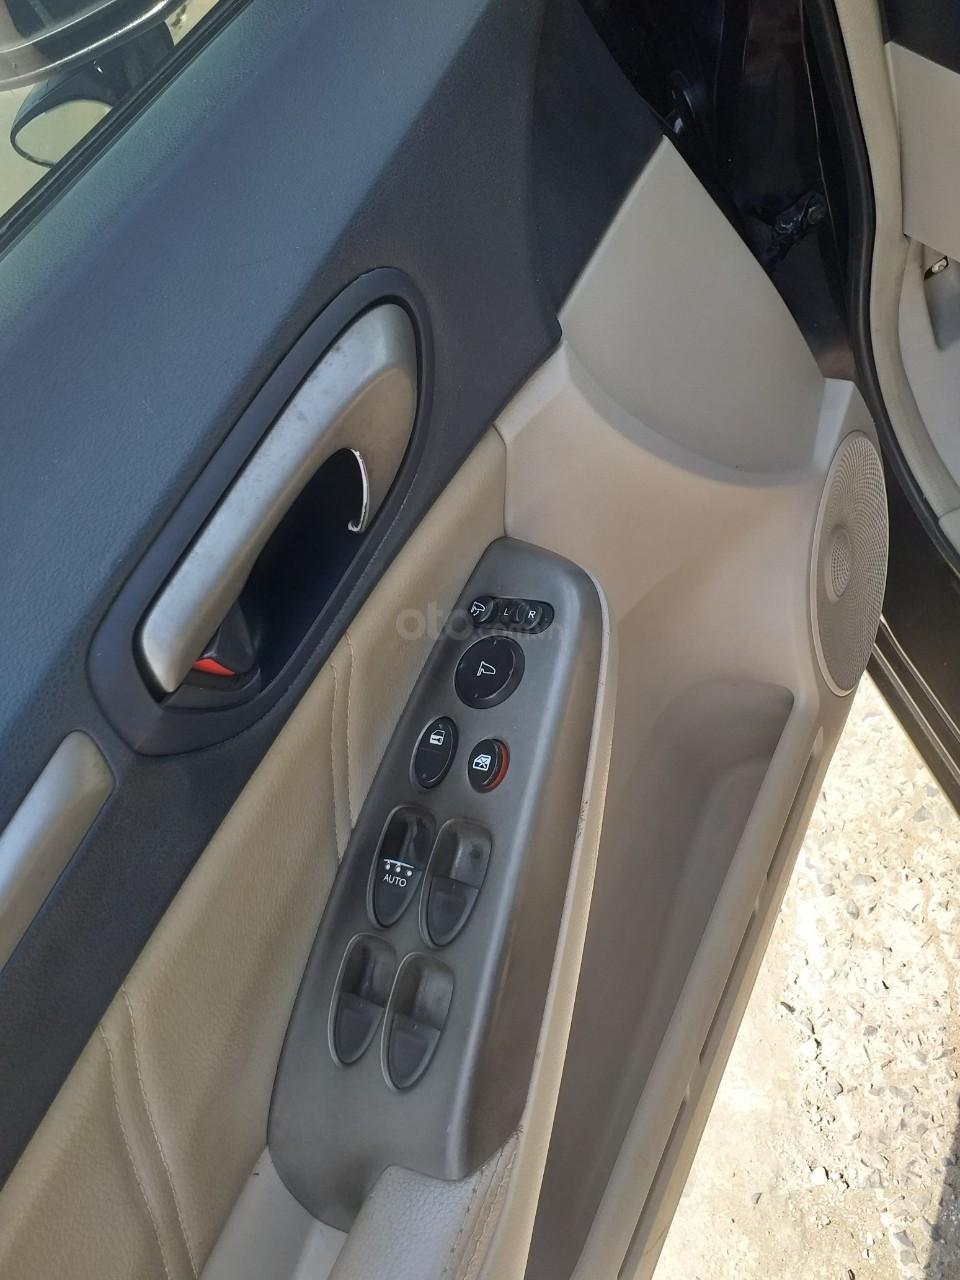 Honda Civic 2.0 AT 2006, bản đủ, cửa sổ trời, số tự động (5)